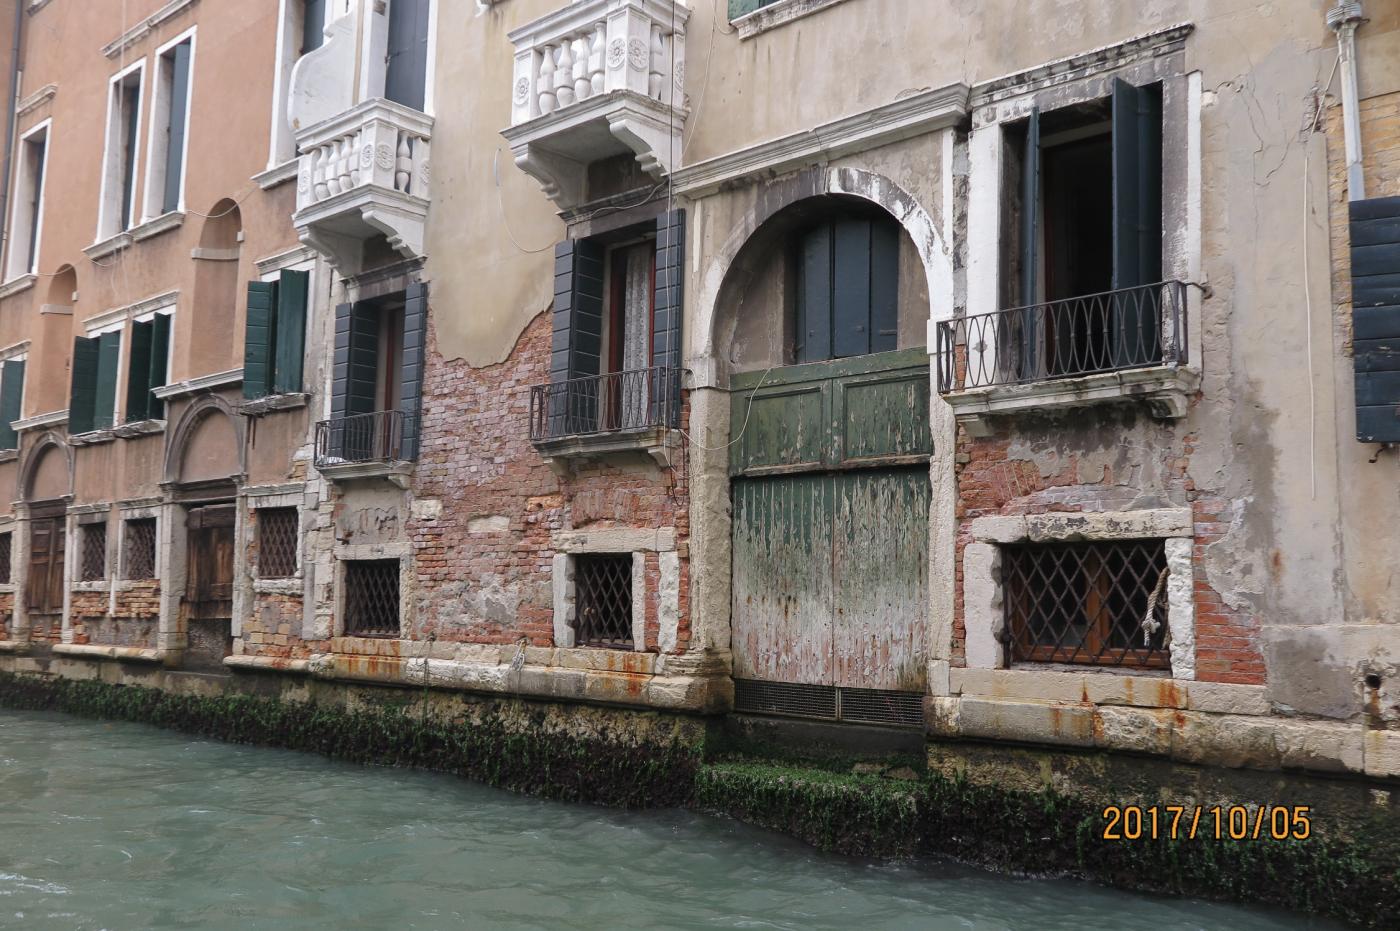 水乡威尼斯:无限的魅力永久的回忆_图1-48